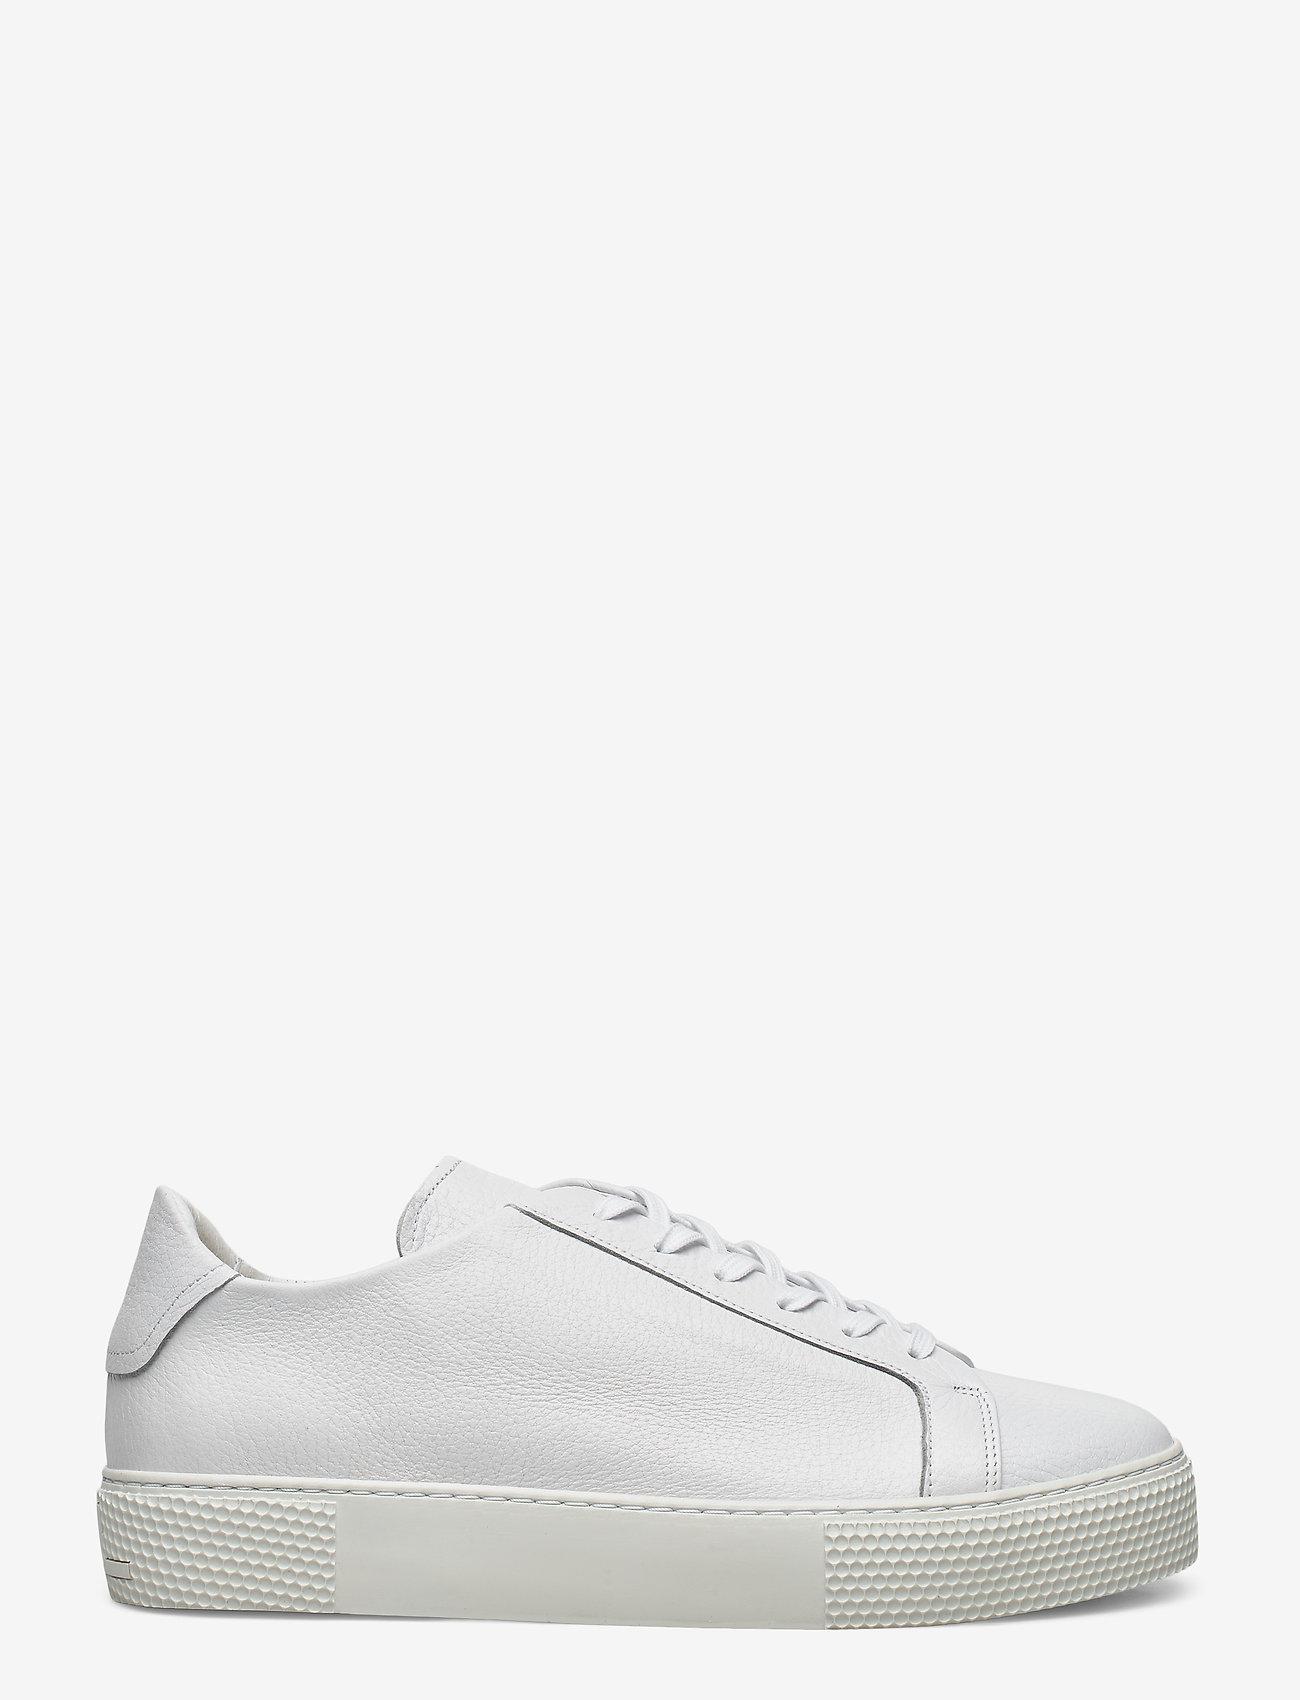 J. Lindeberg - Signature Leather Sneaker - niedriger schnitt - white - 1